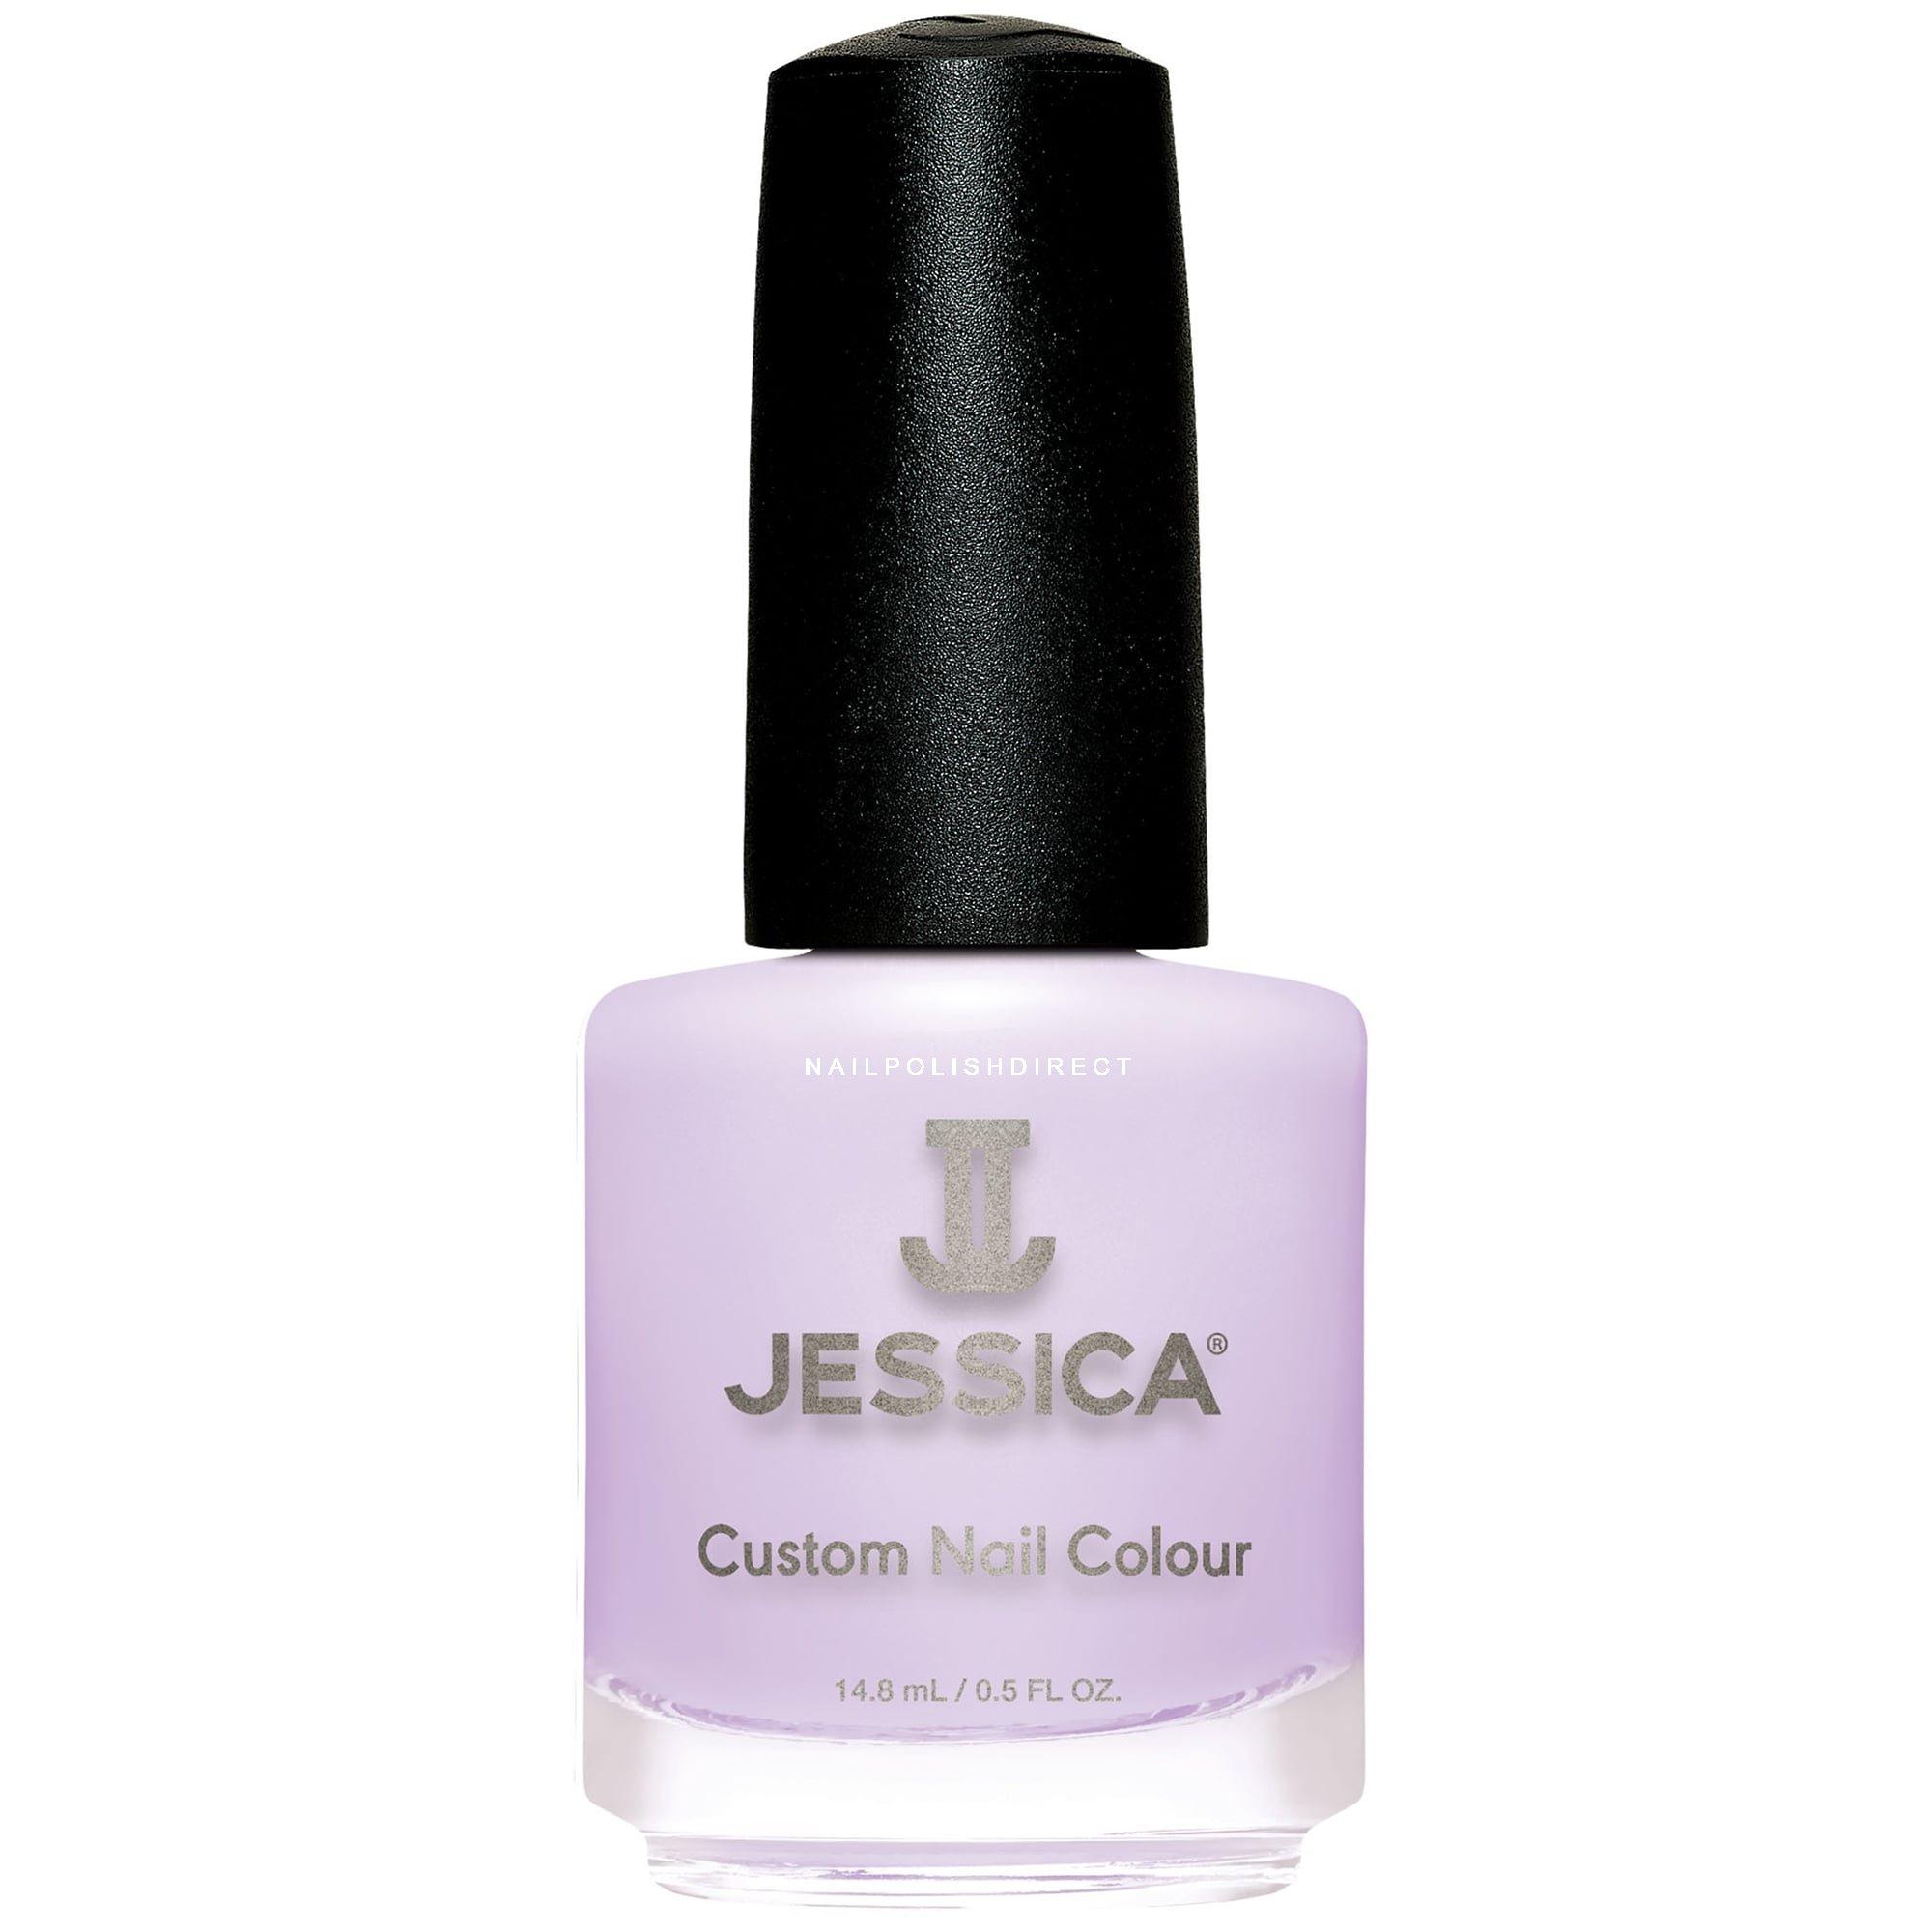 Jessica La Vie en Rose Collection - Lavender Lush (1162) 14.8ml